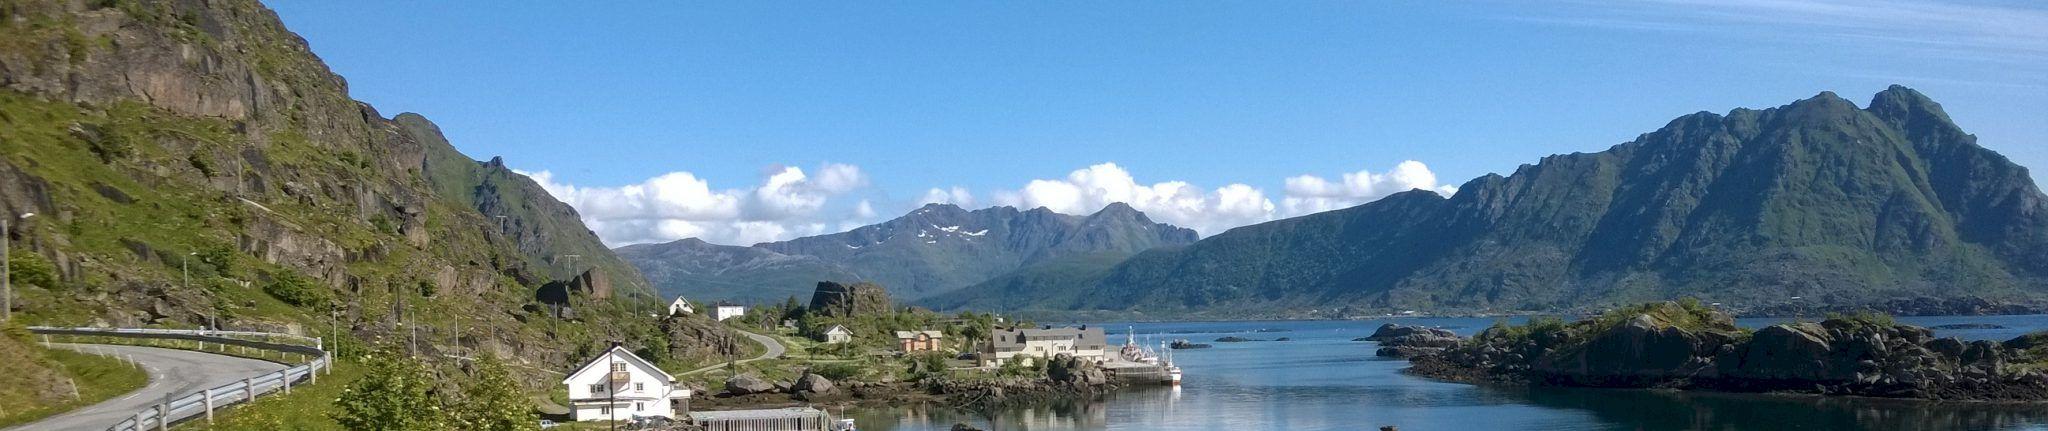 Norjalainen vuoristomaisema